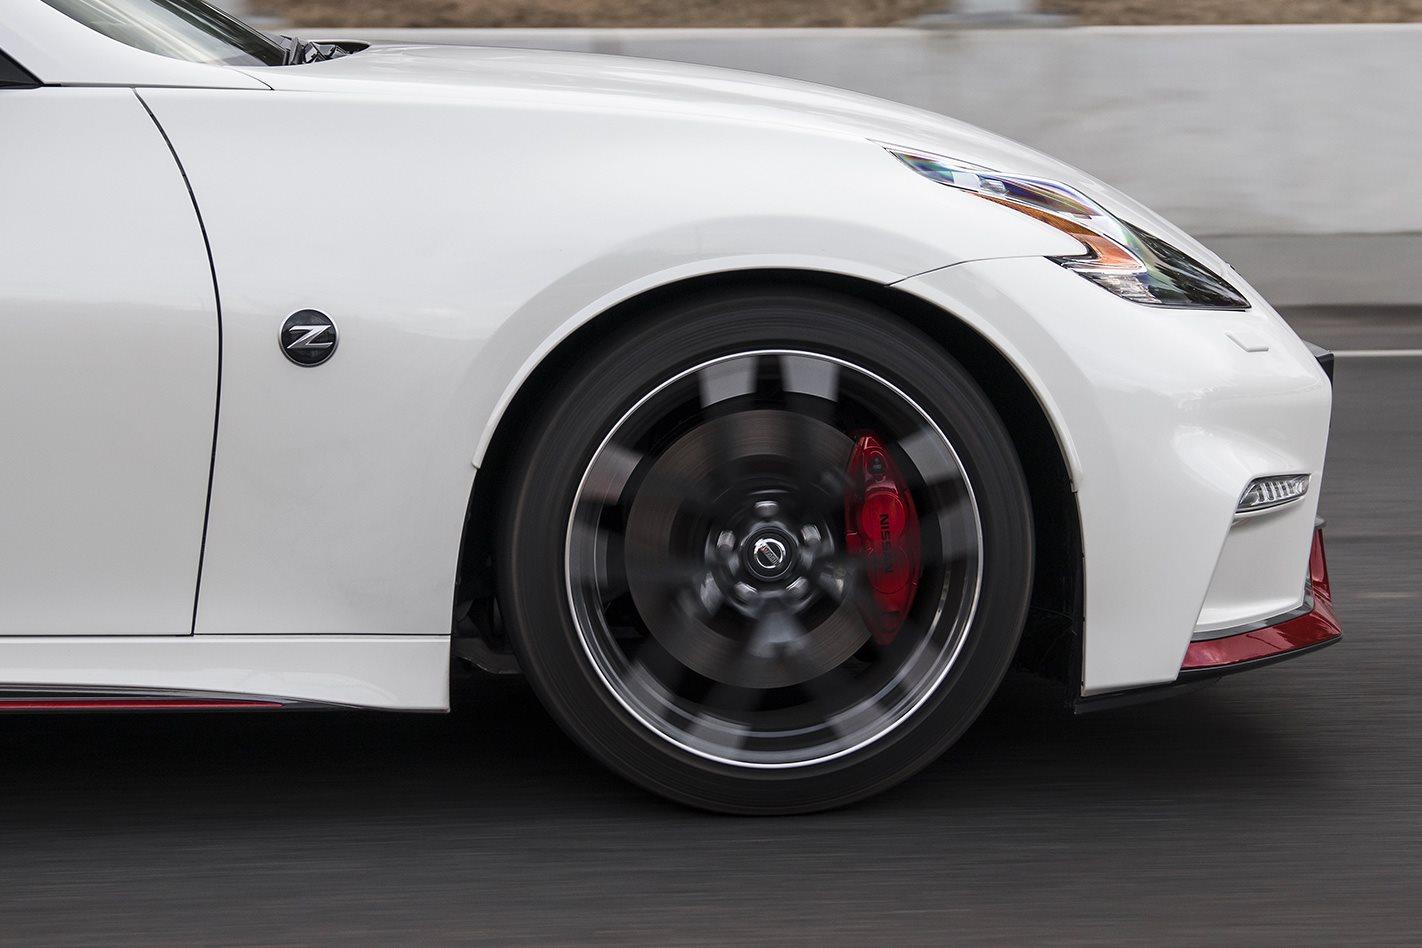 2018 Nissan 370Z Nismo wheel